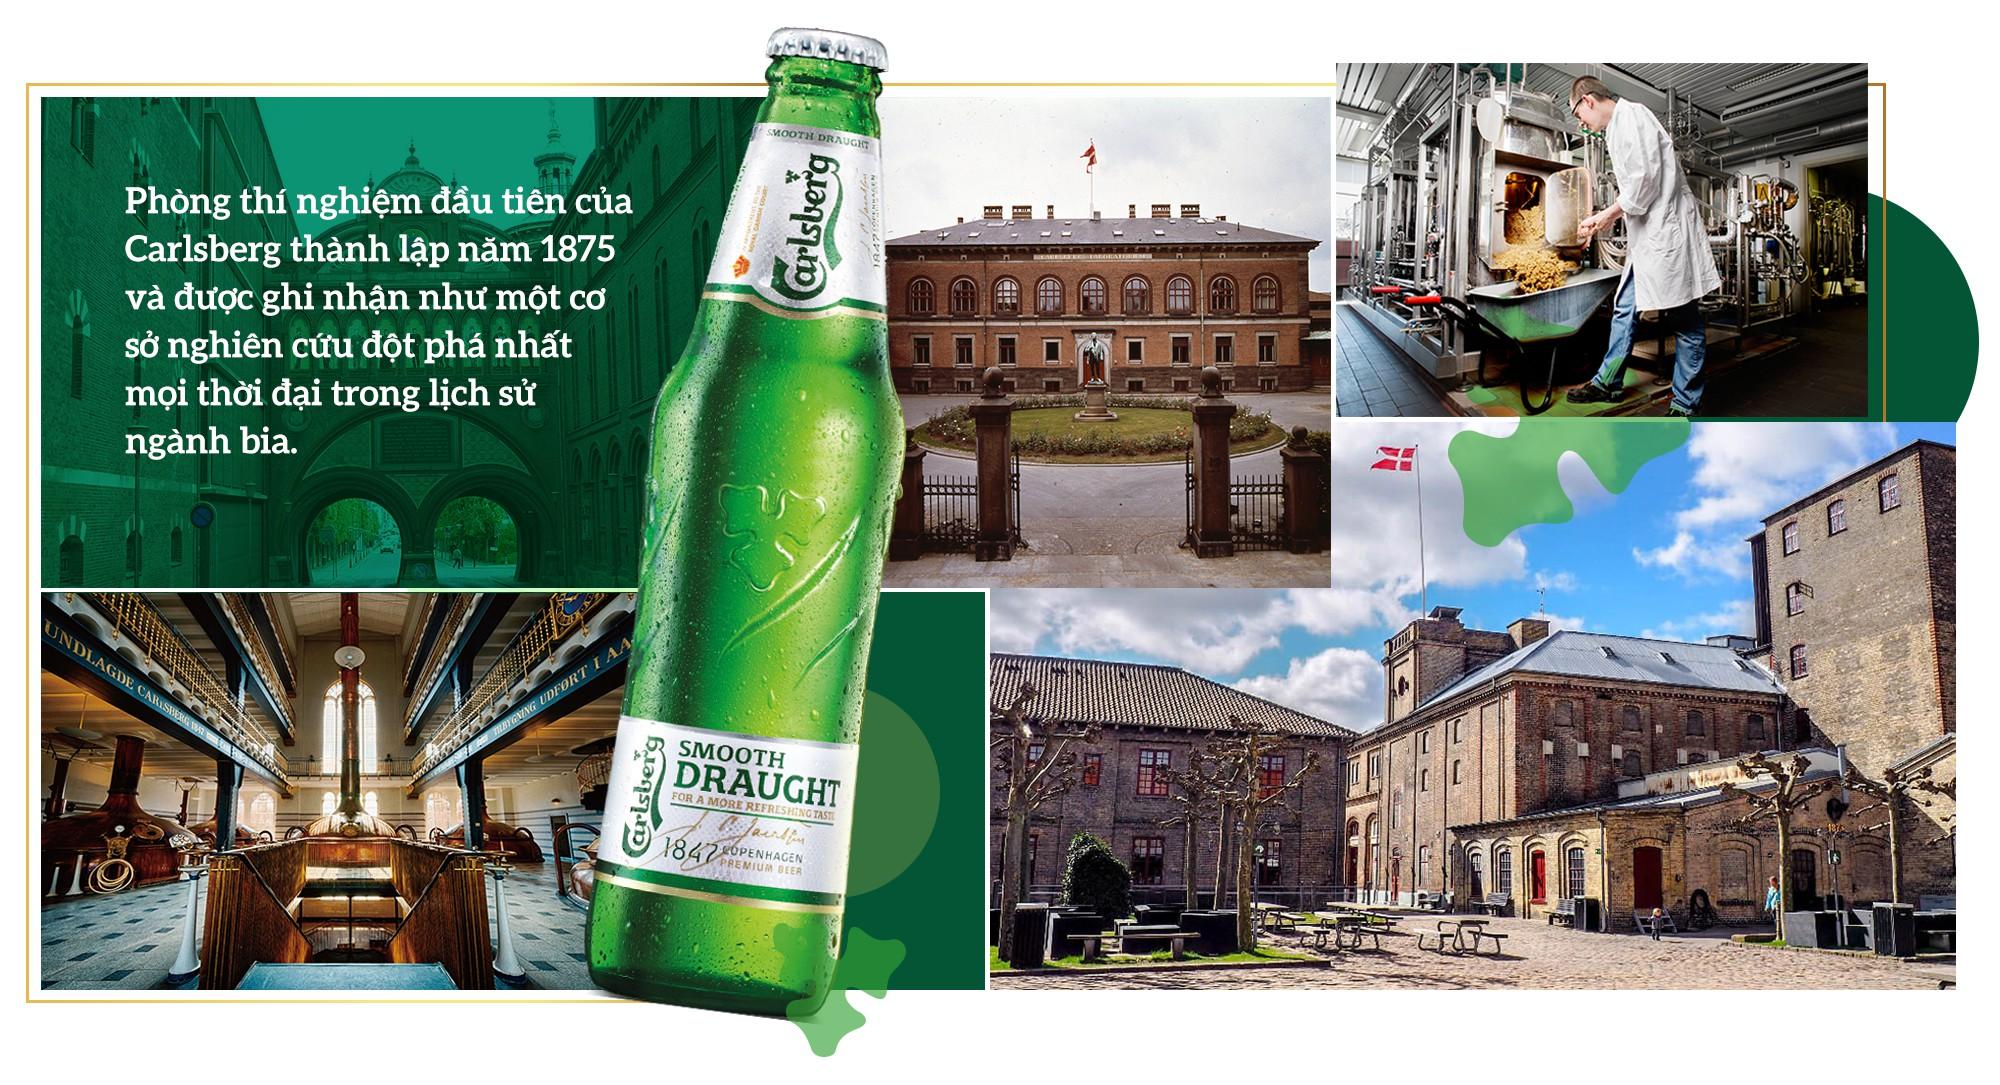 """Cùng Carlsberg Smooth Draught thưởng thức trọn vẹn """"trải nghiệm bia tươi vừa mới rót"""" - Ảnh 5."""